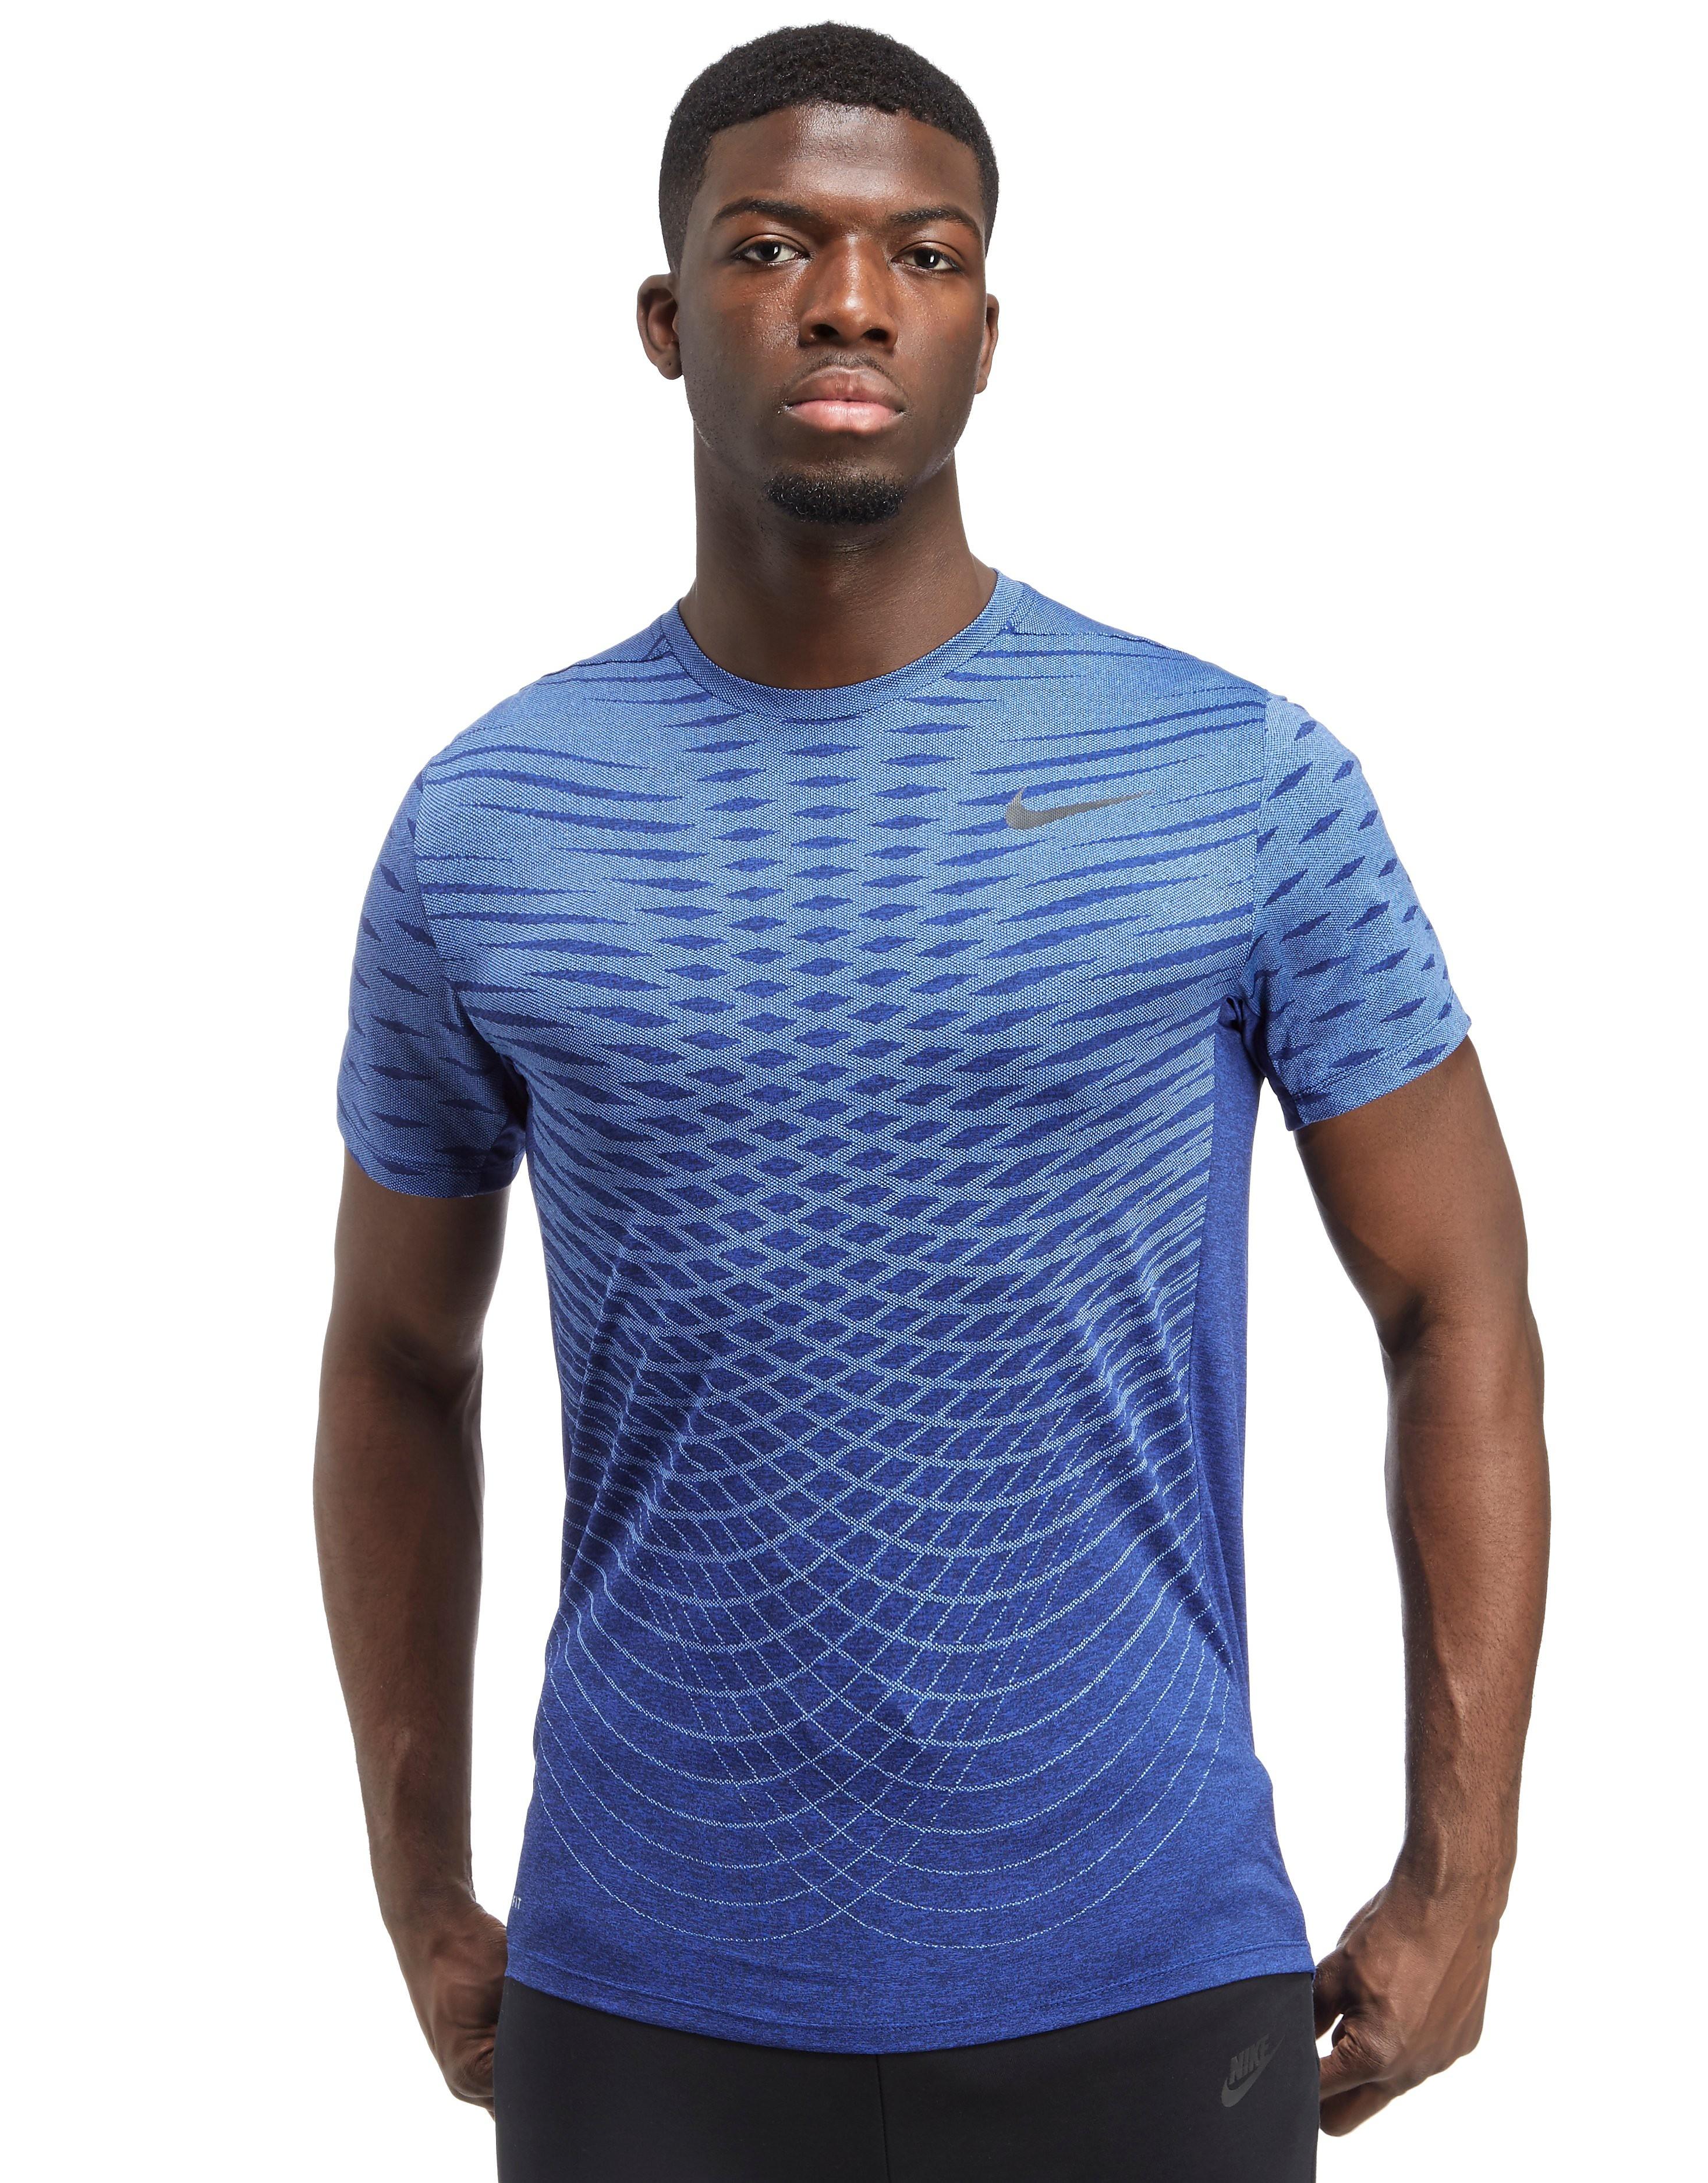 Nike T-shirt d'entraînement Ultimate Dry